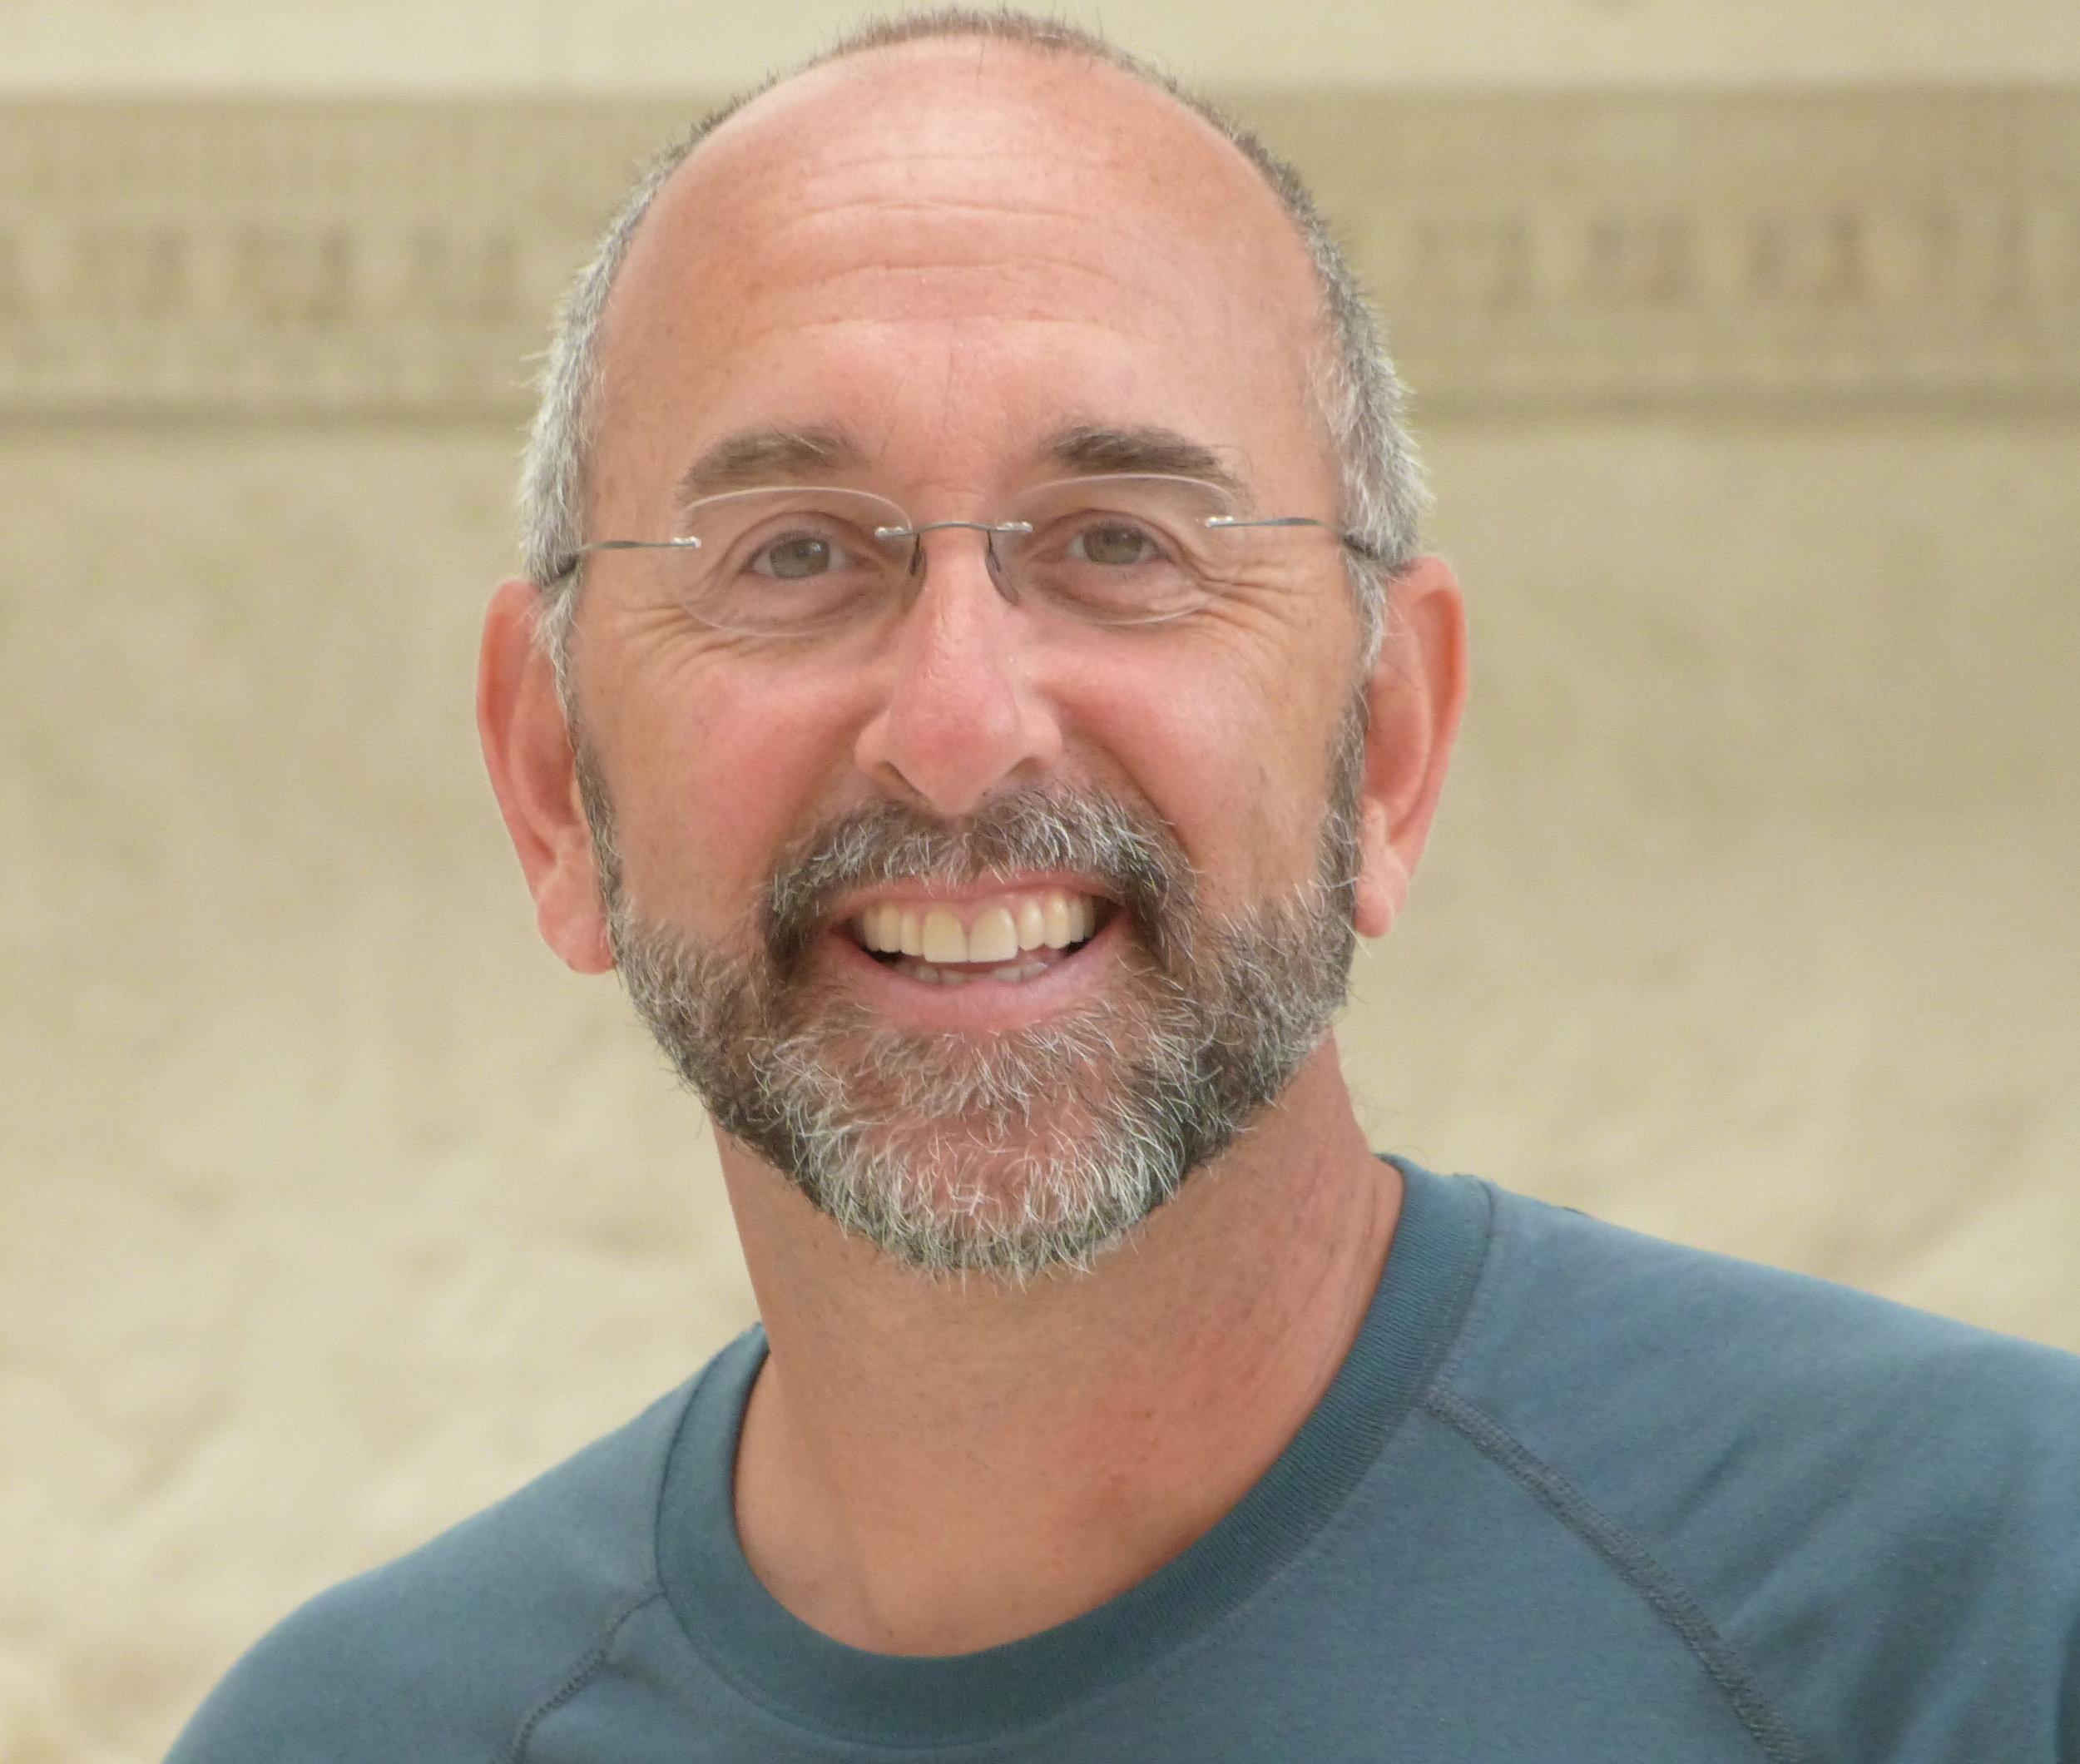 Bill Wightman